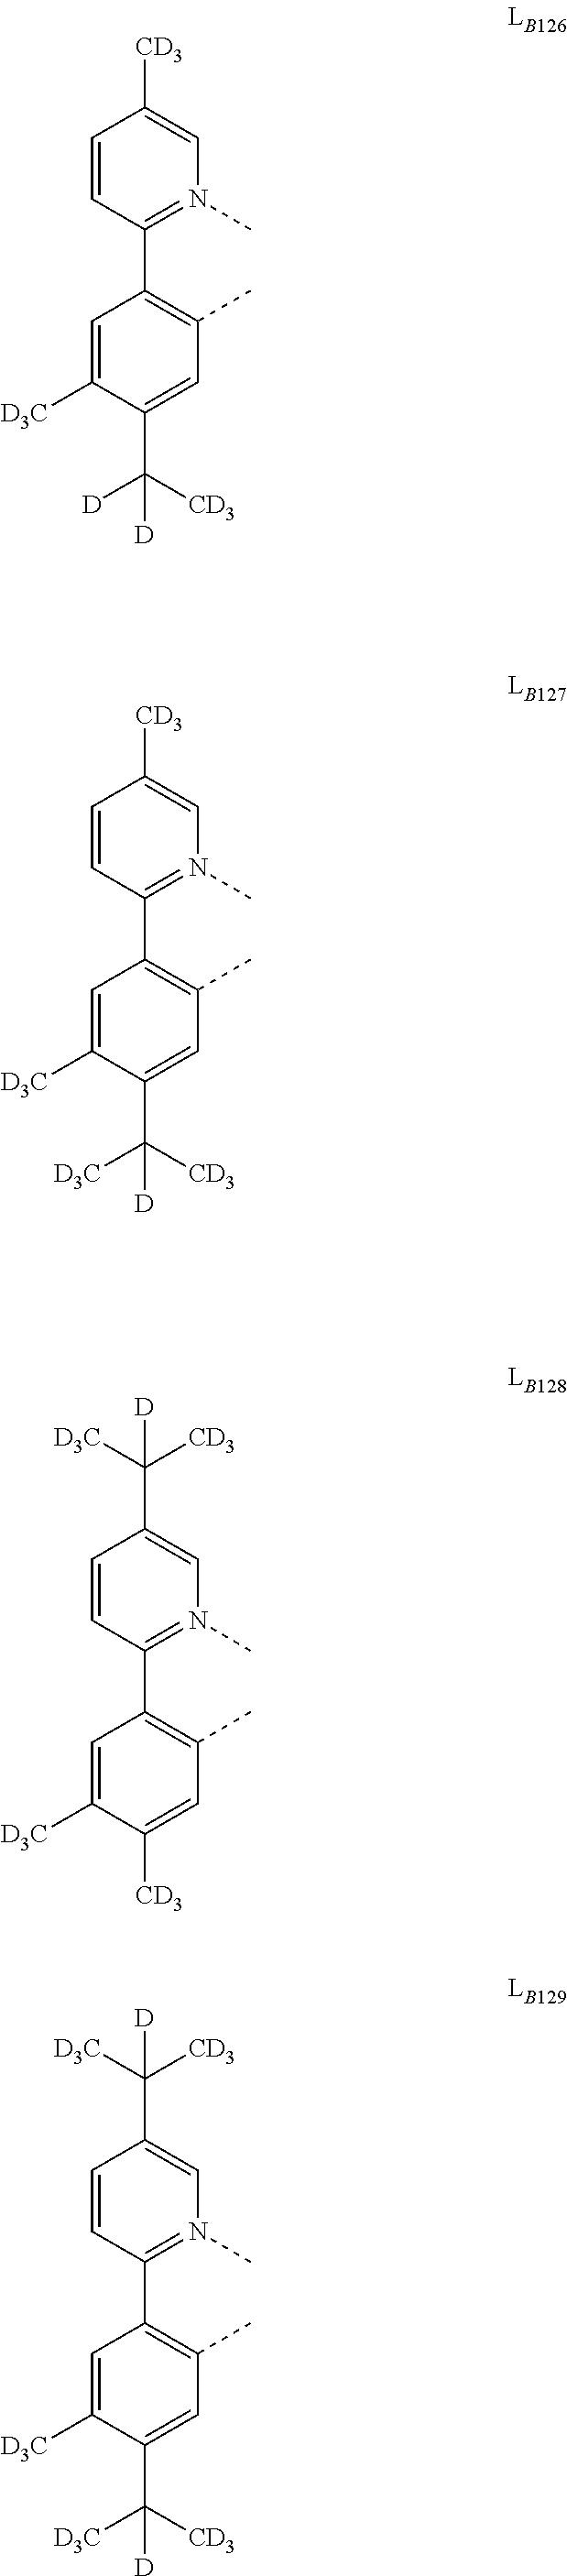 Figure US09929360-20180327-C00063